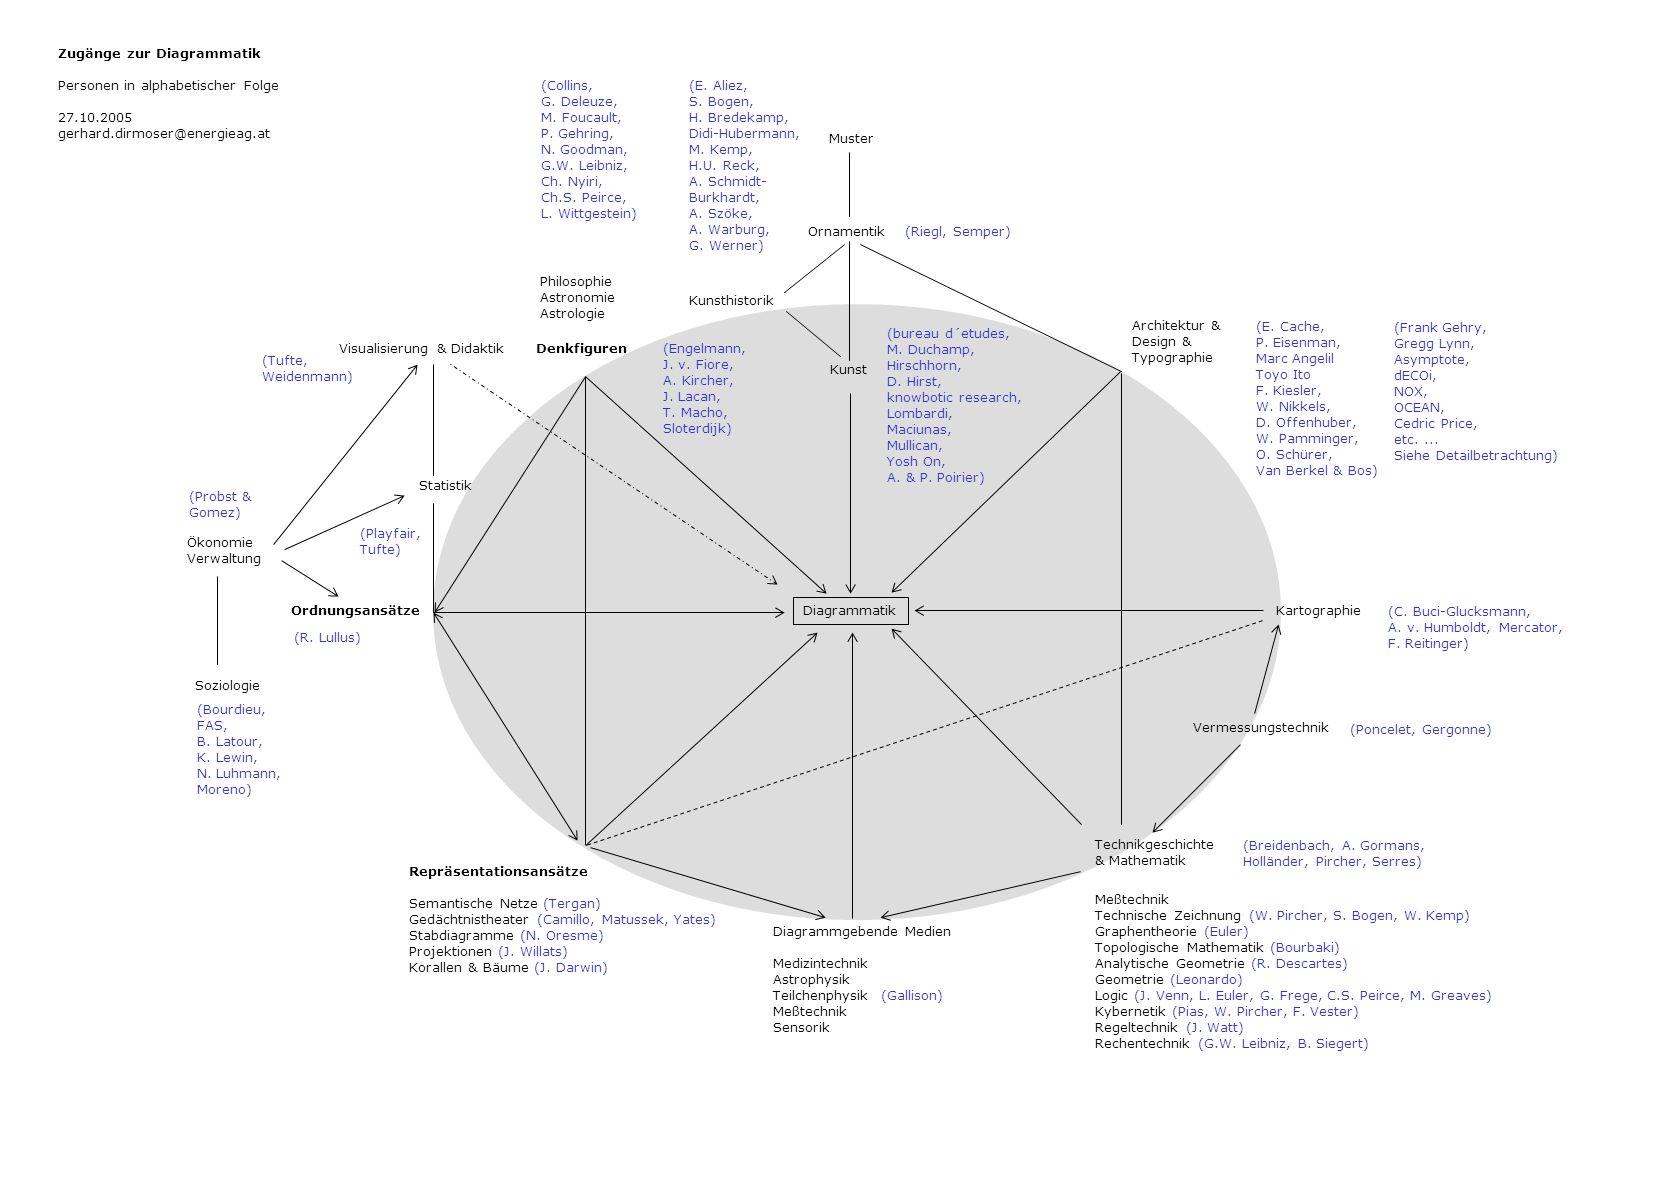 Diagrammatik Zugänge zur Diagrammatik Personen in alphabetischer Folge 27.10.2005 gerhard.dirmoser@energieag.at Kunst Ornamentik Kunsthistorik Archite